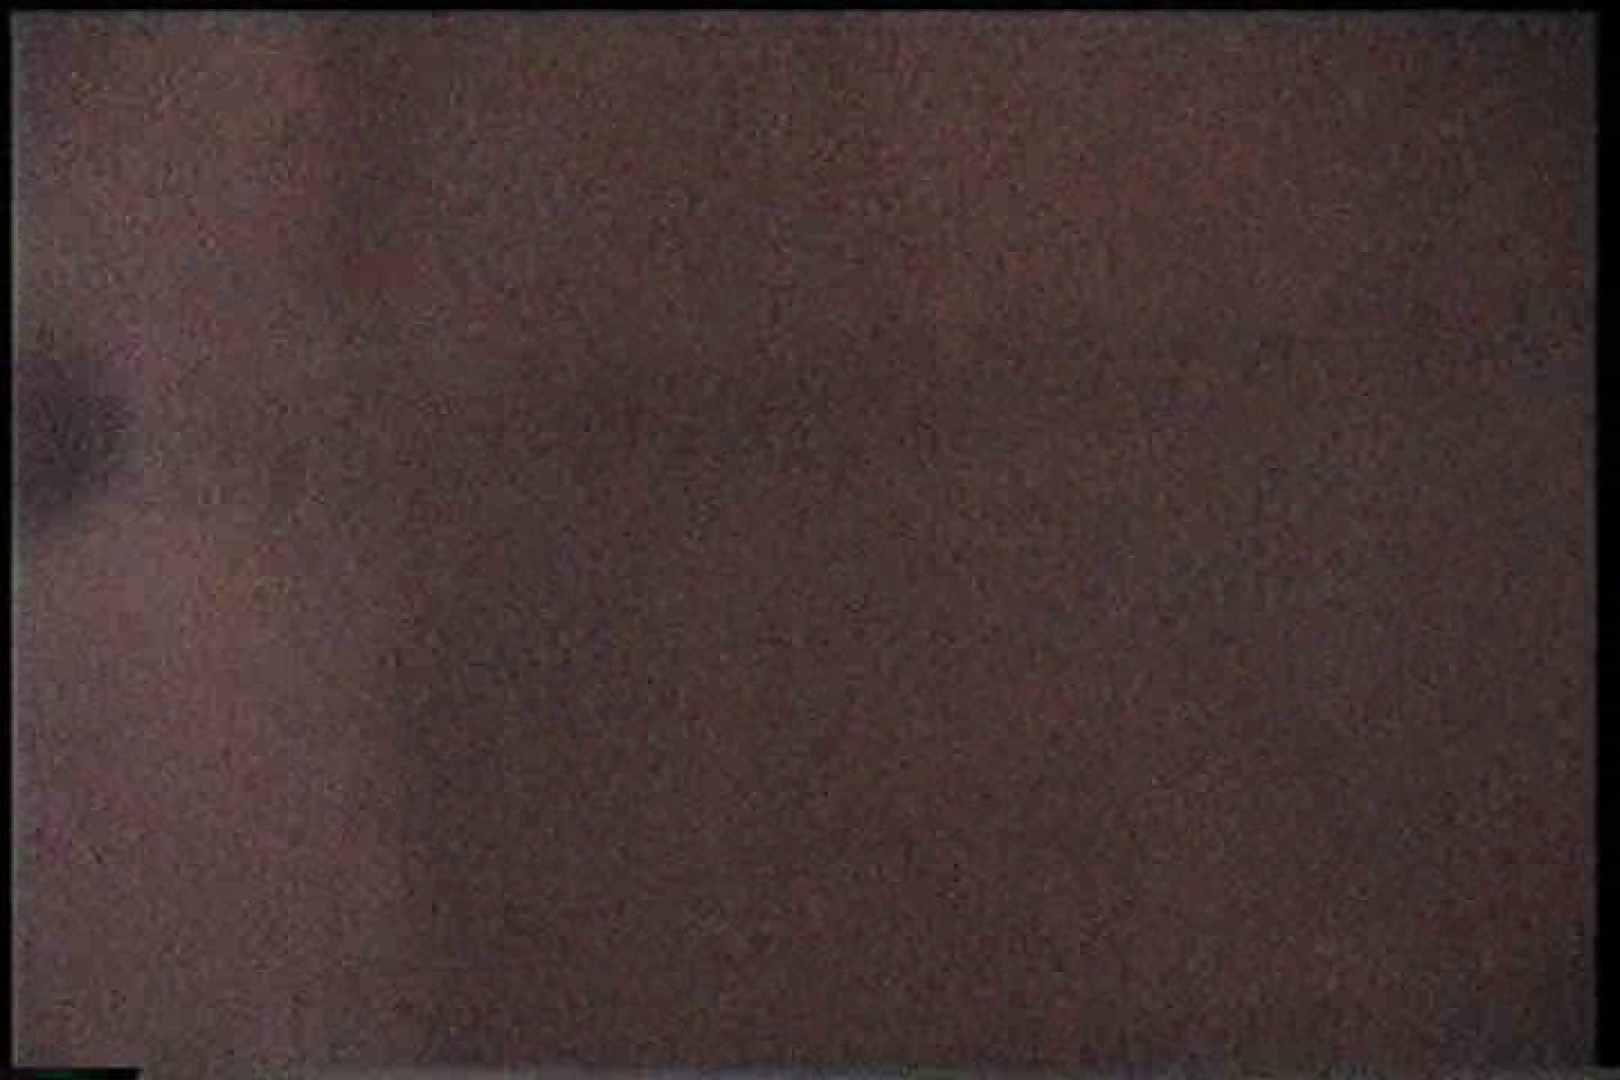 充血監督の深夜の運動会Vol.177 後編 カップル  84pic 58